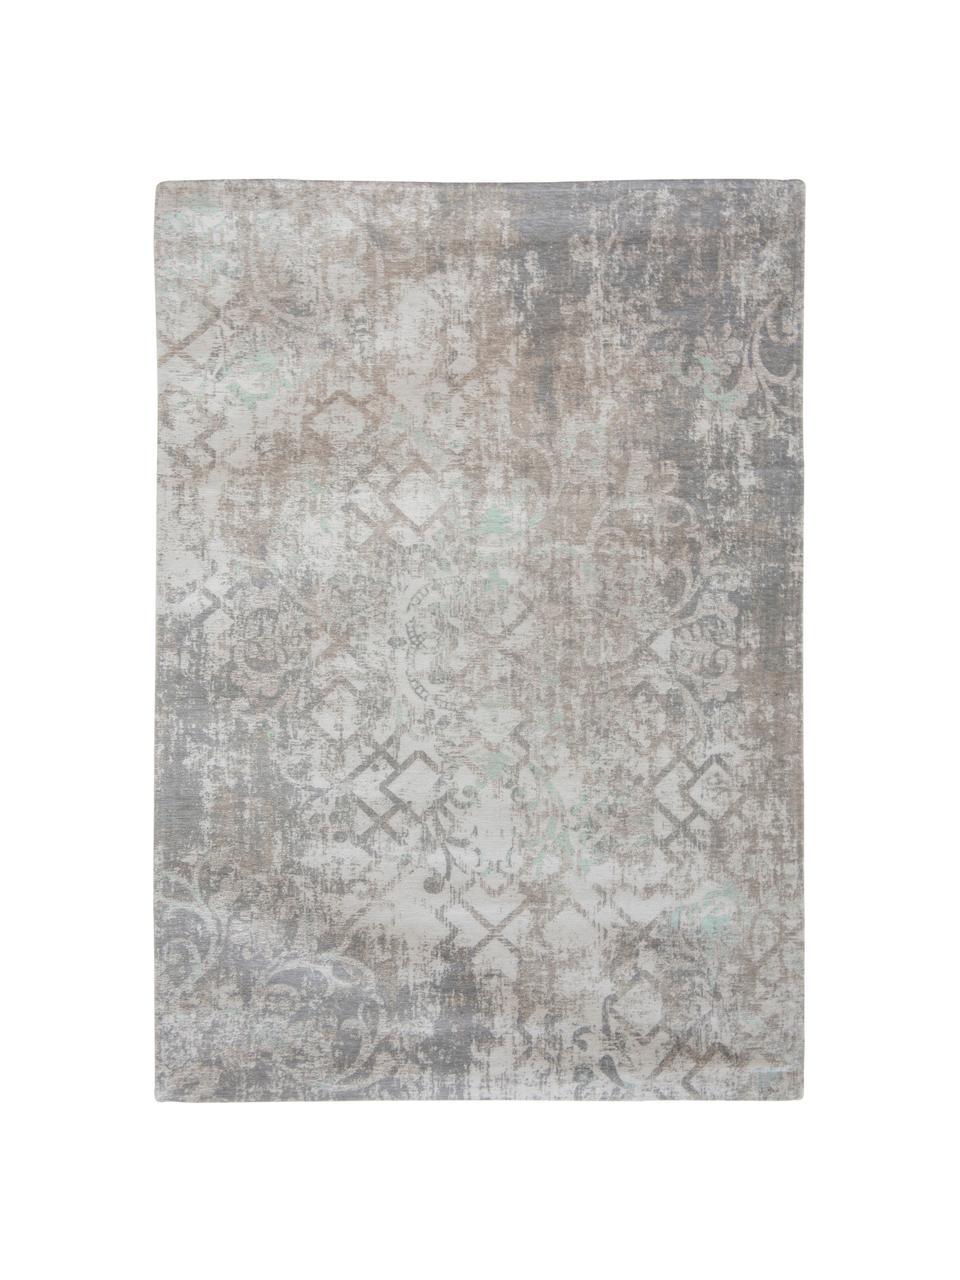 Dywan szenilowy vintage Babylon, Szary, beżowy, S 170 x D 240 cm (Rozmiar M)